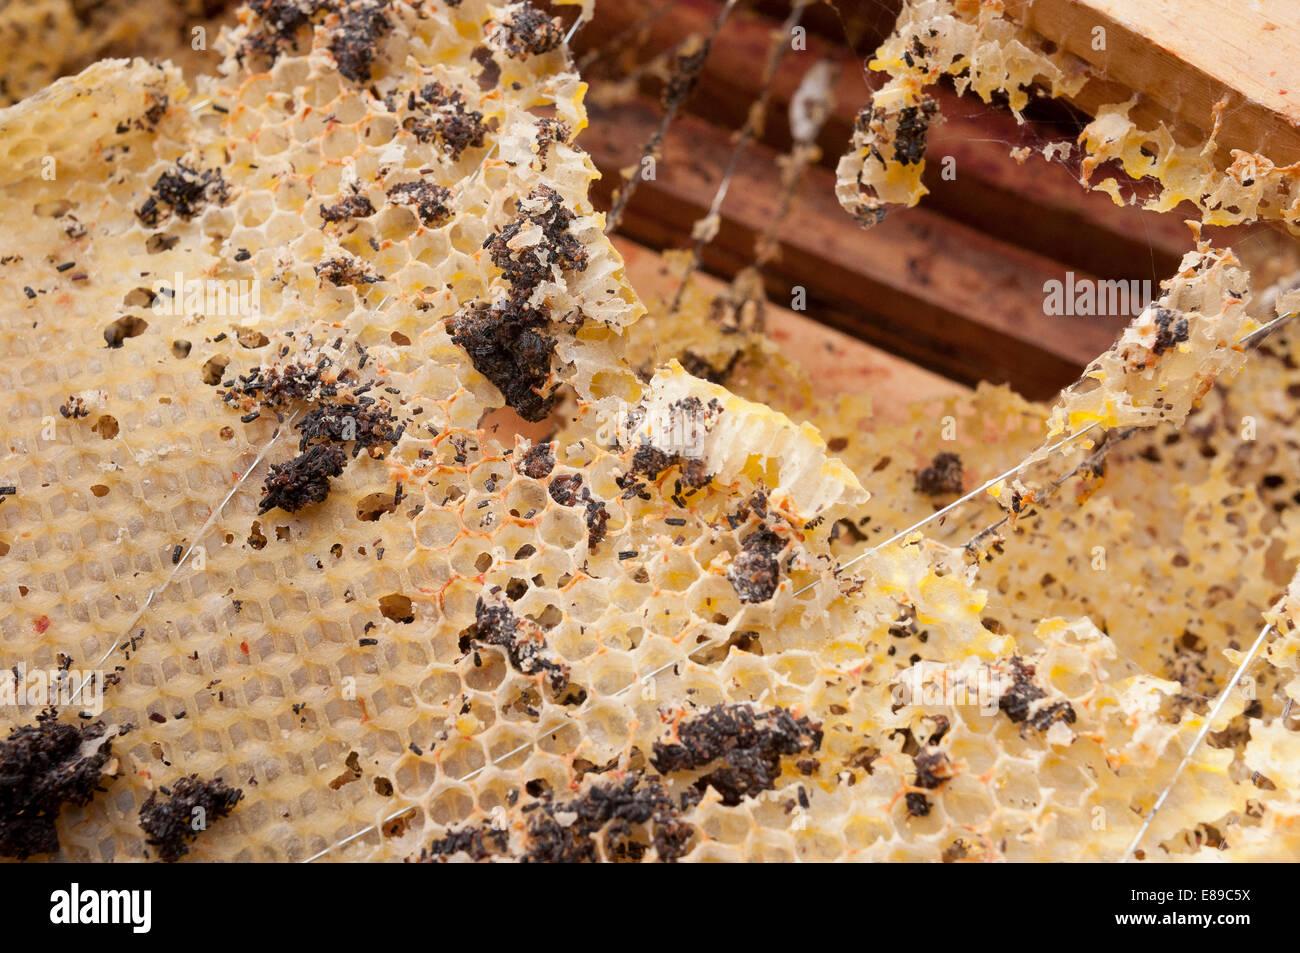 La polilla de la cera de abeja nacional daños en los marcos de la ...